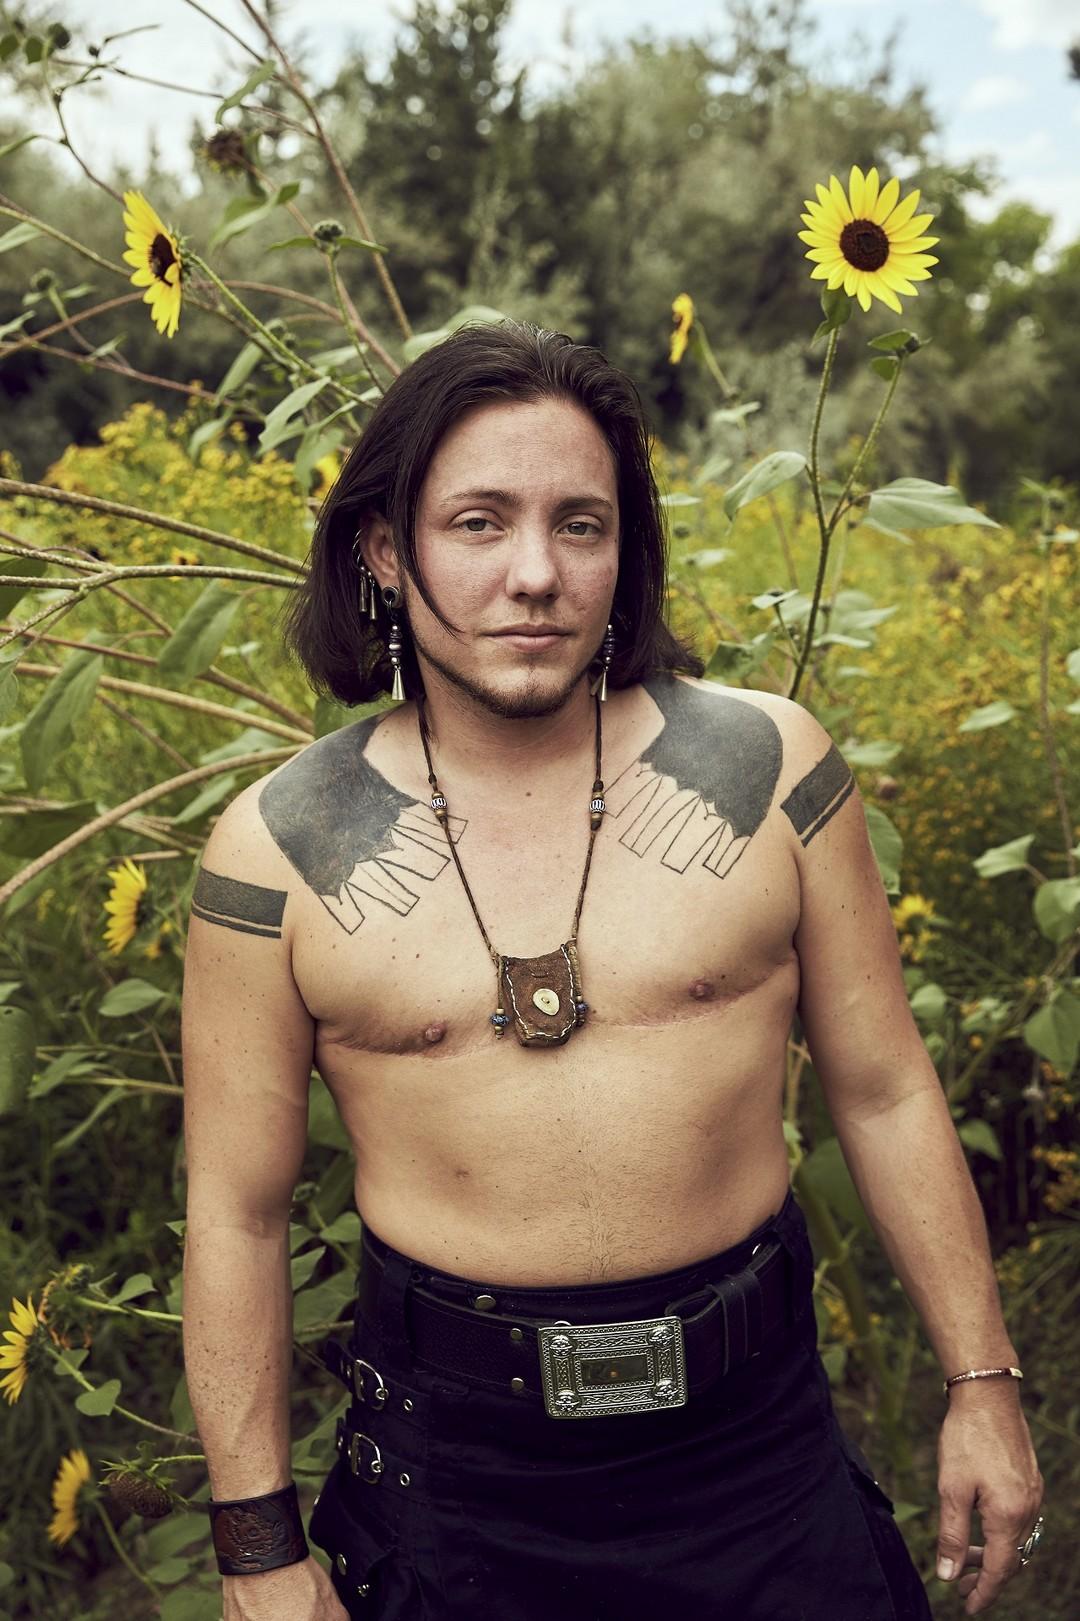 Фотопроект Сорайи Заман, посвященный трансмужчинам США